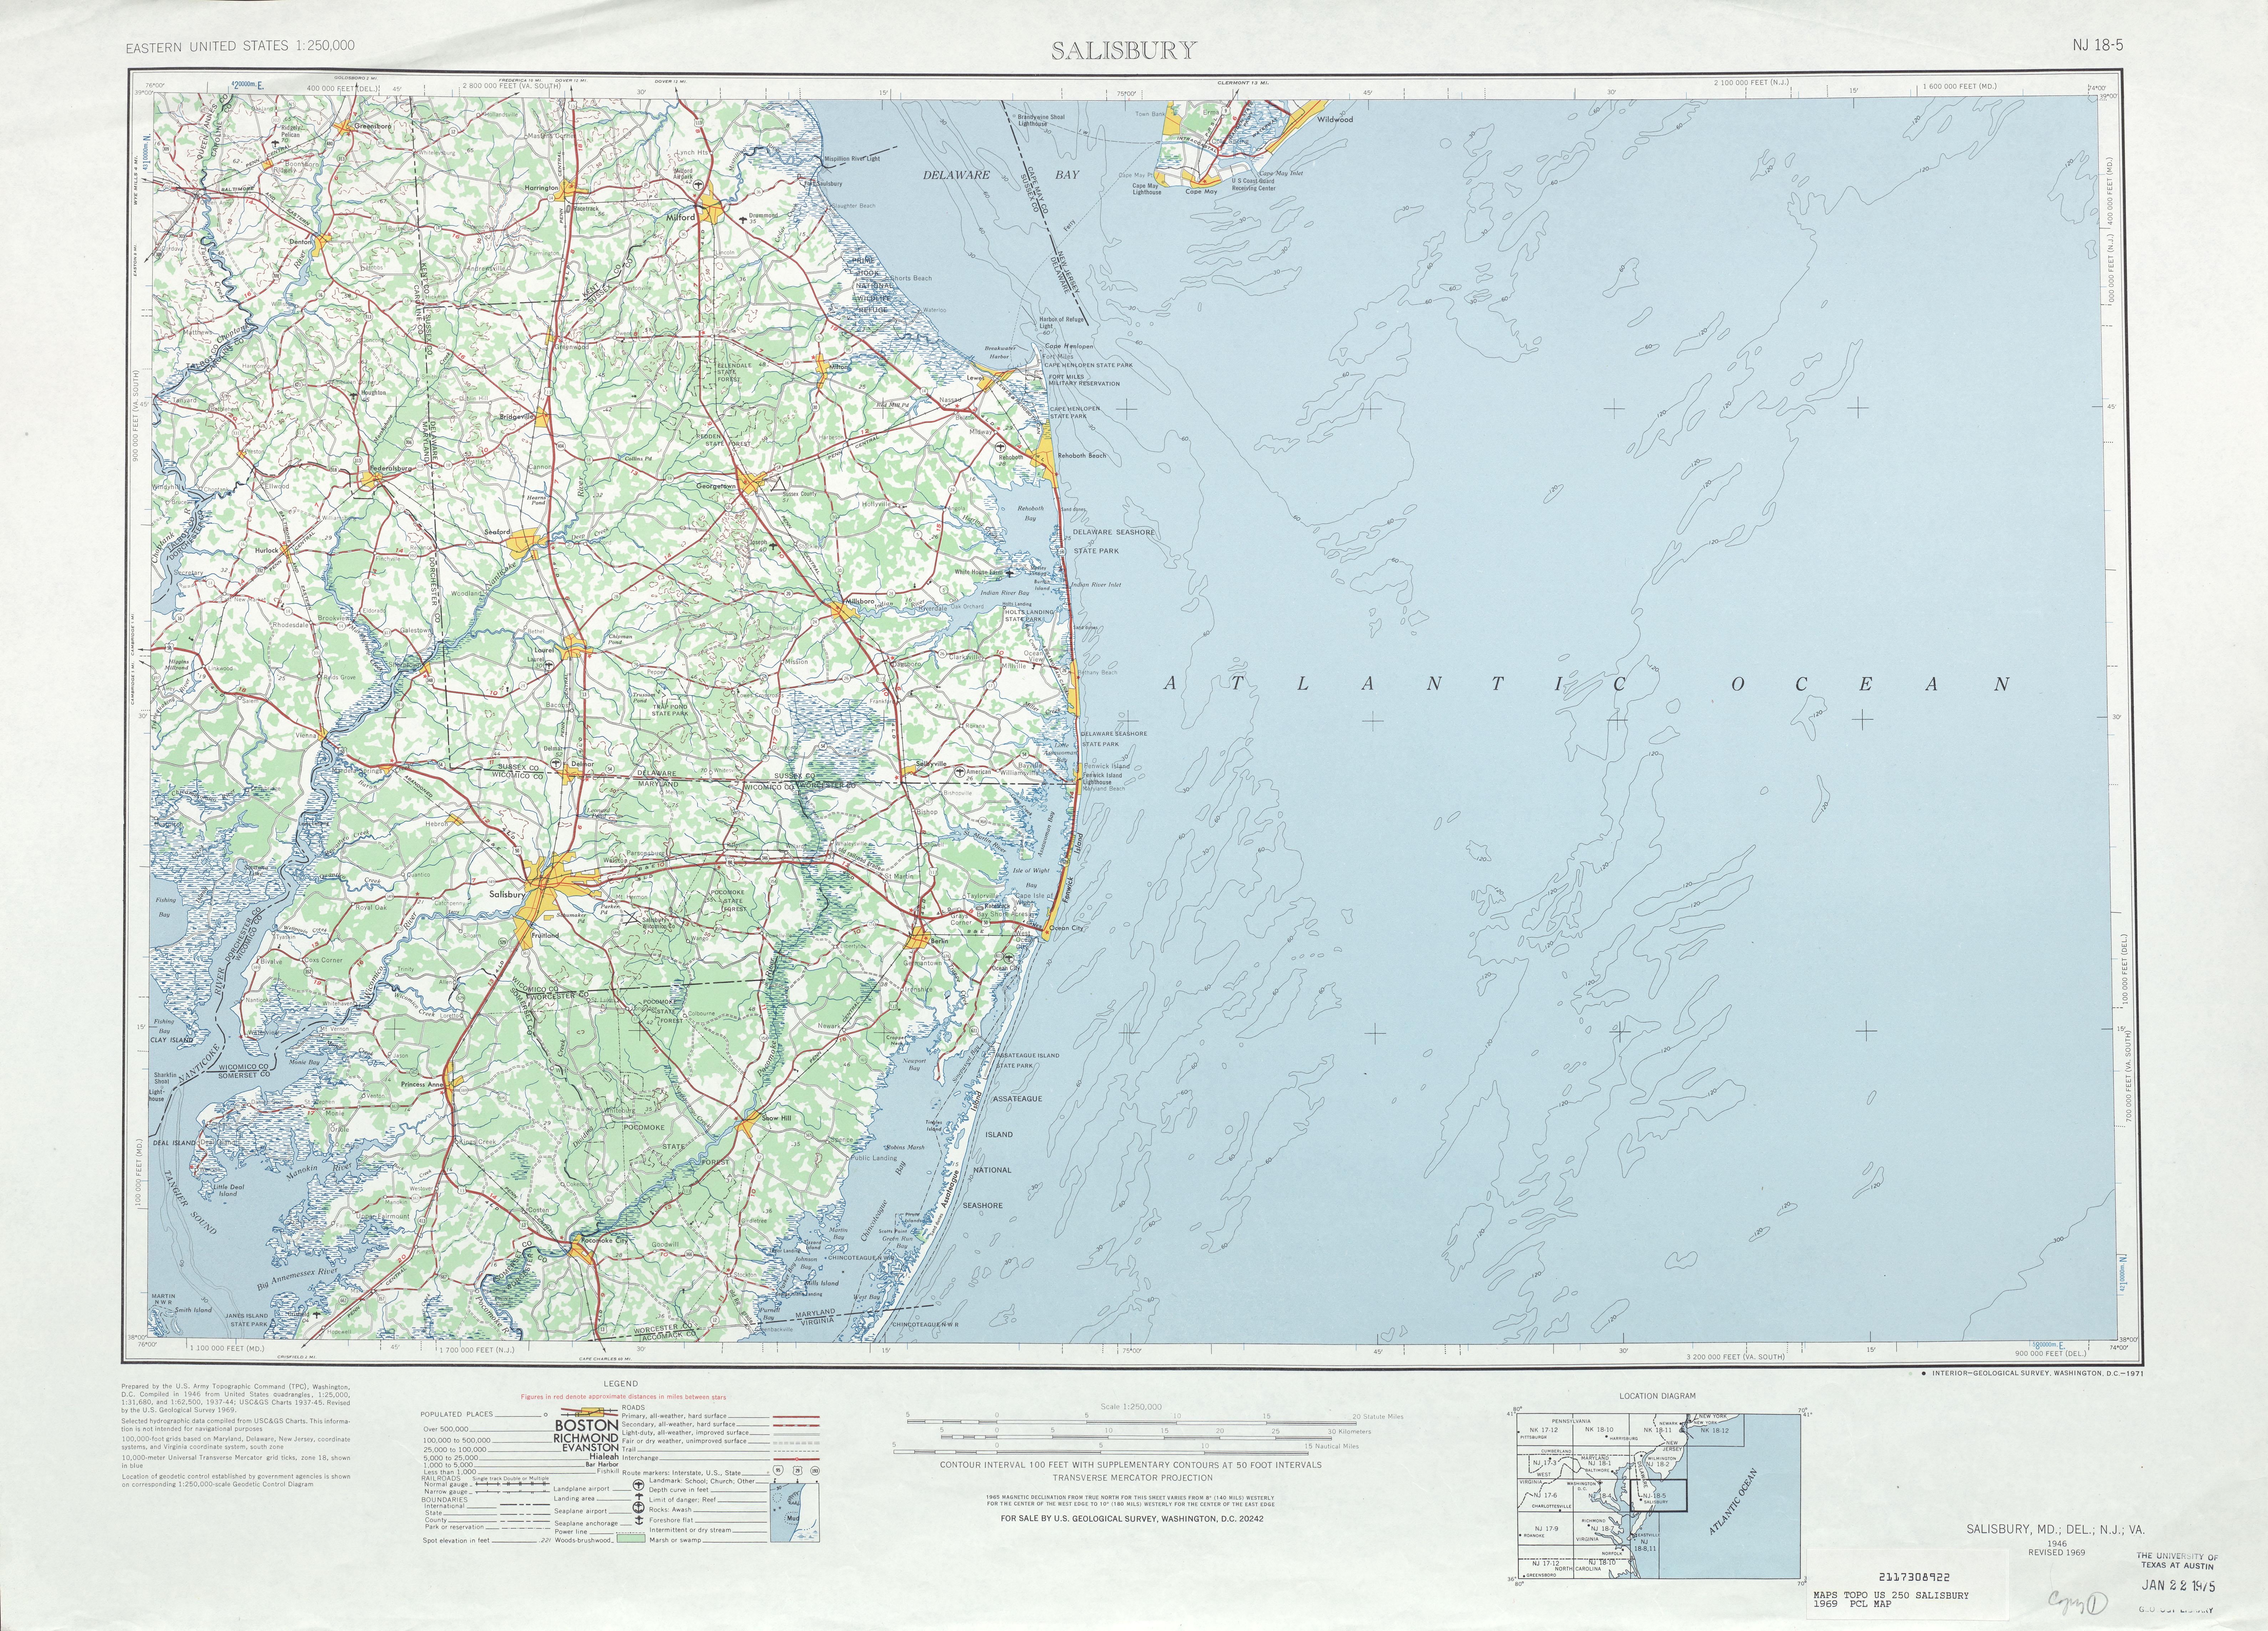 Hoja Salisbury del Mapa Topográfico de los Estados Unidos 1969